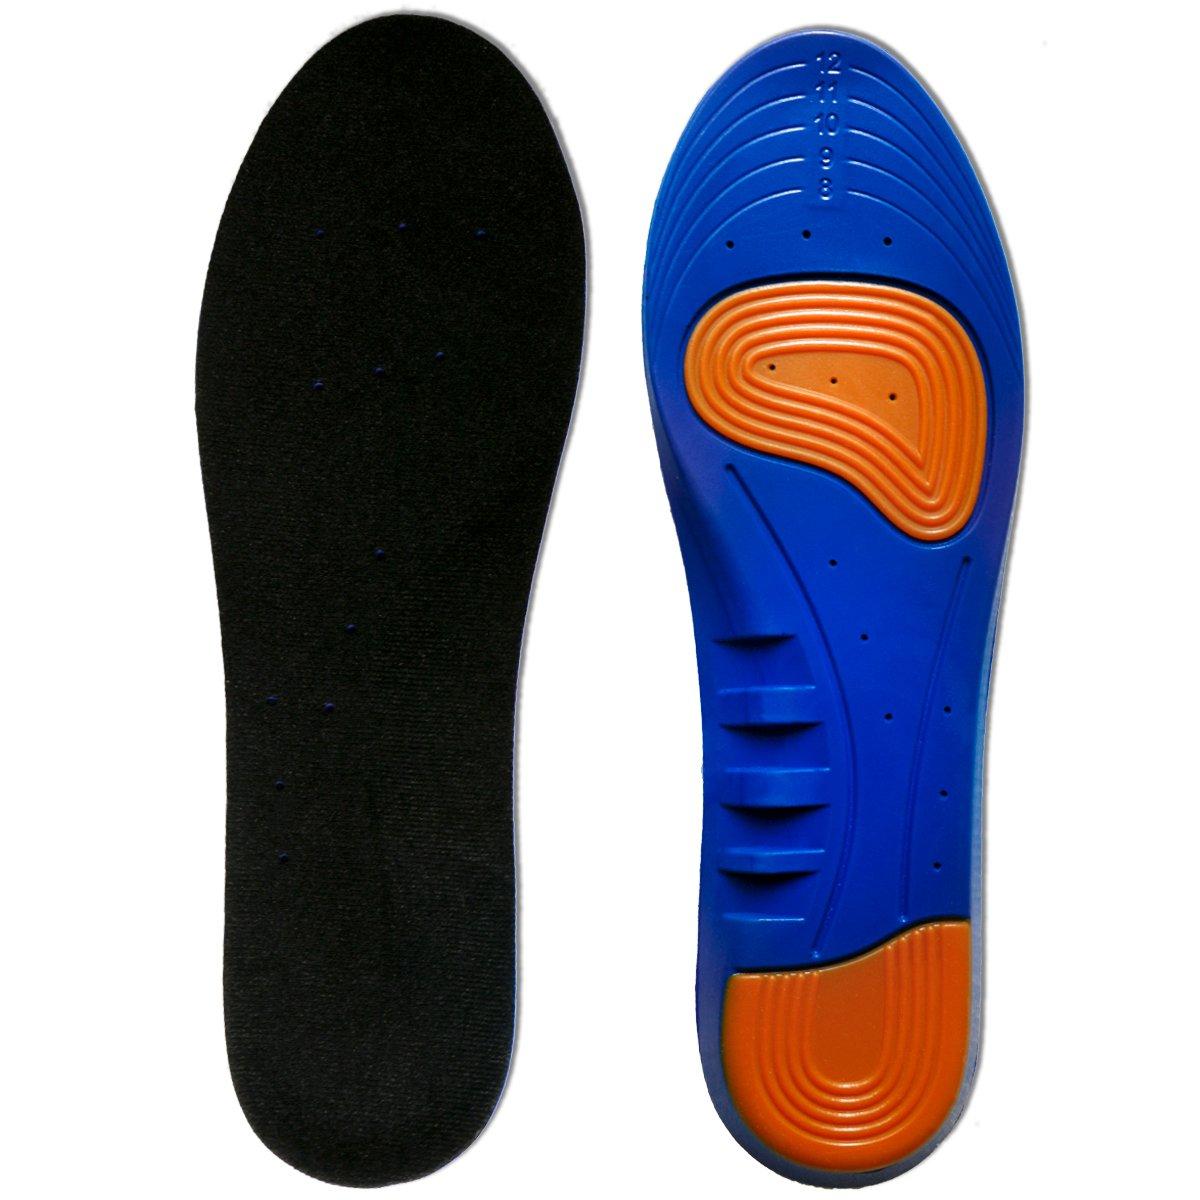 Semelles Inserts de Chaussure de sport en Coussin Respirant petits trous Absorption des chocs Kalak